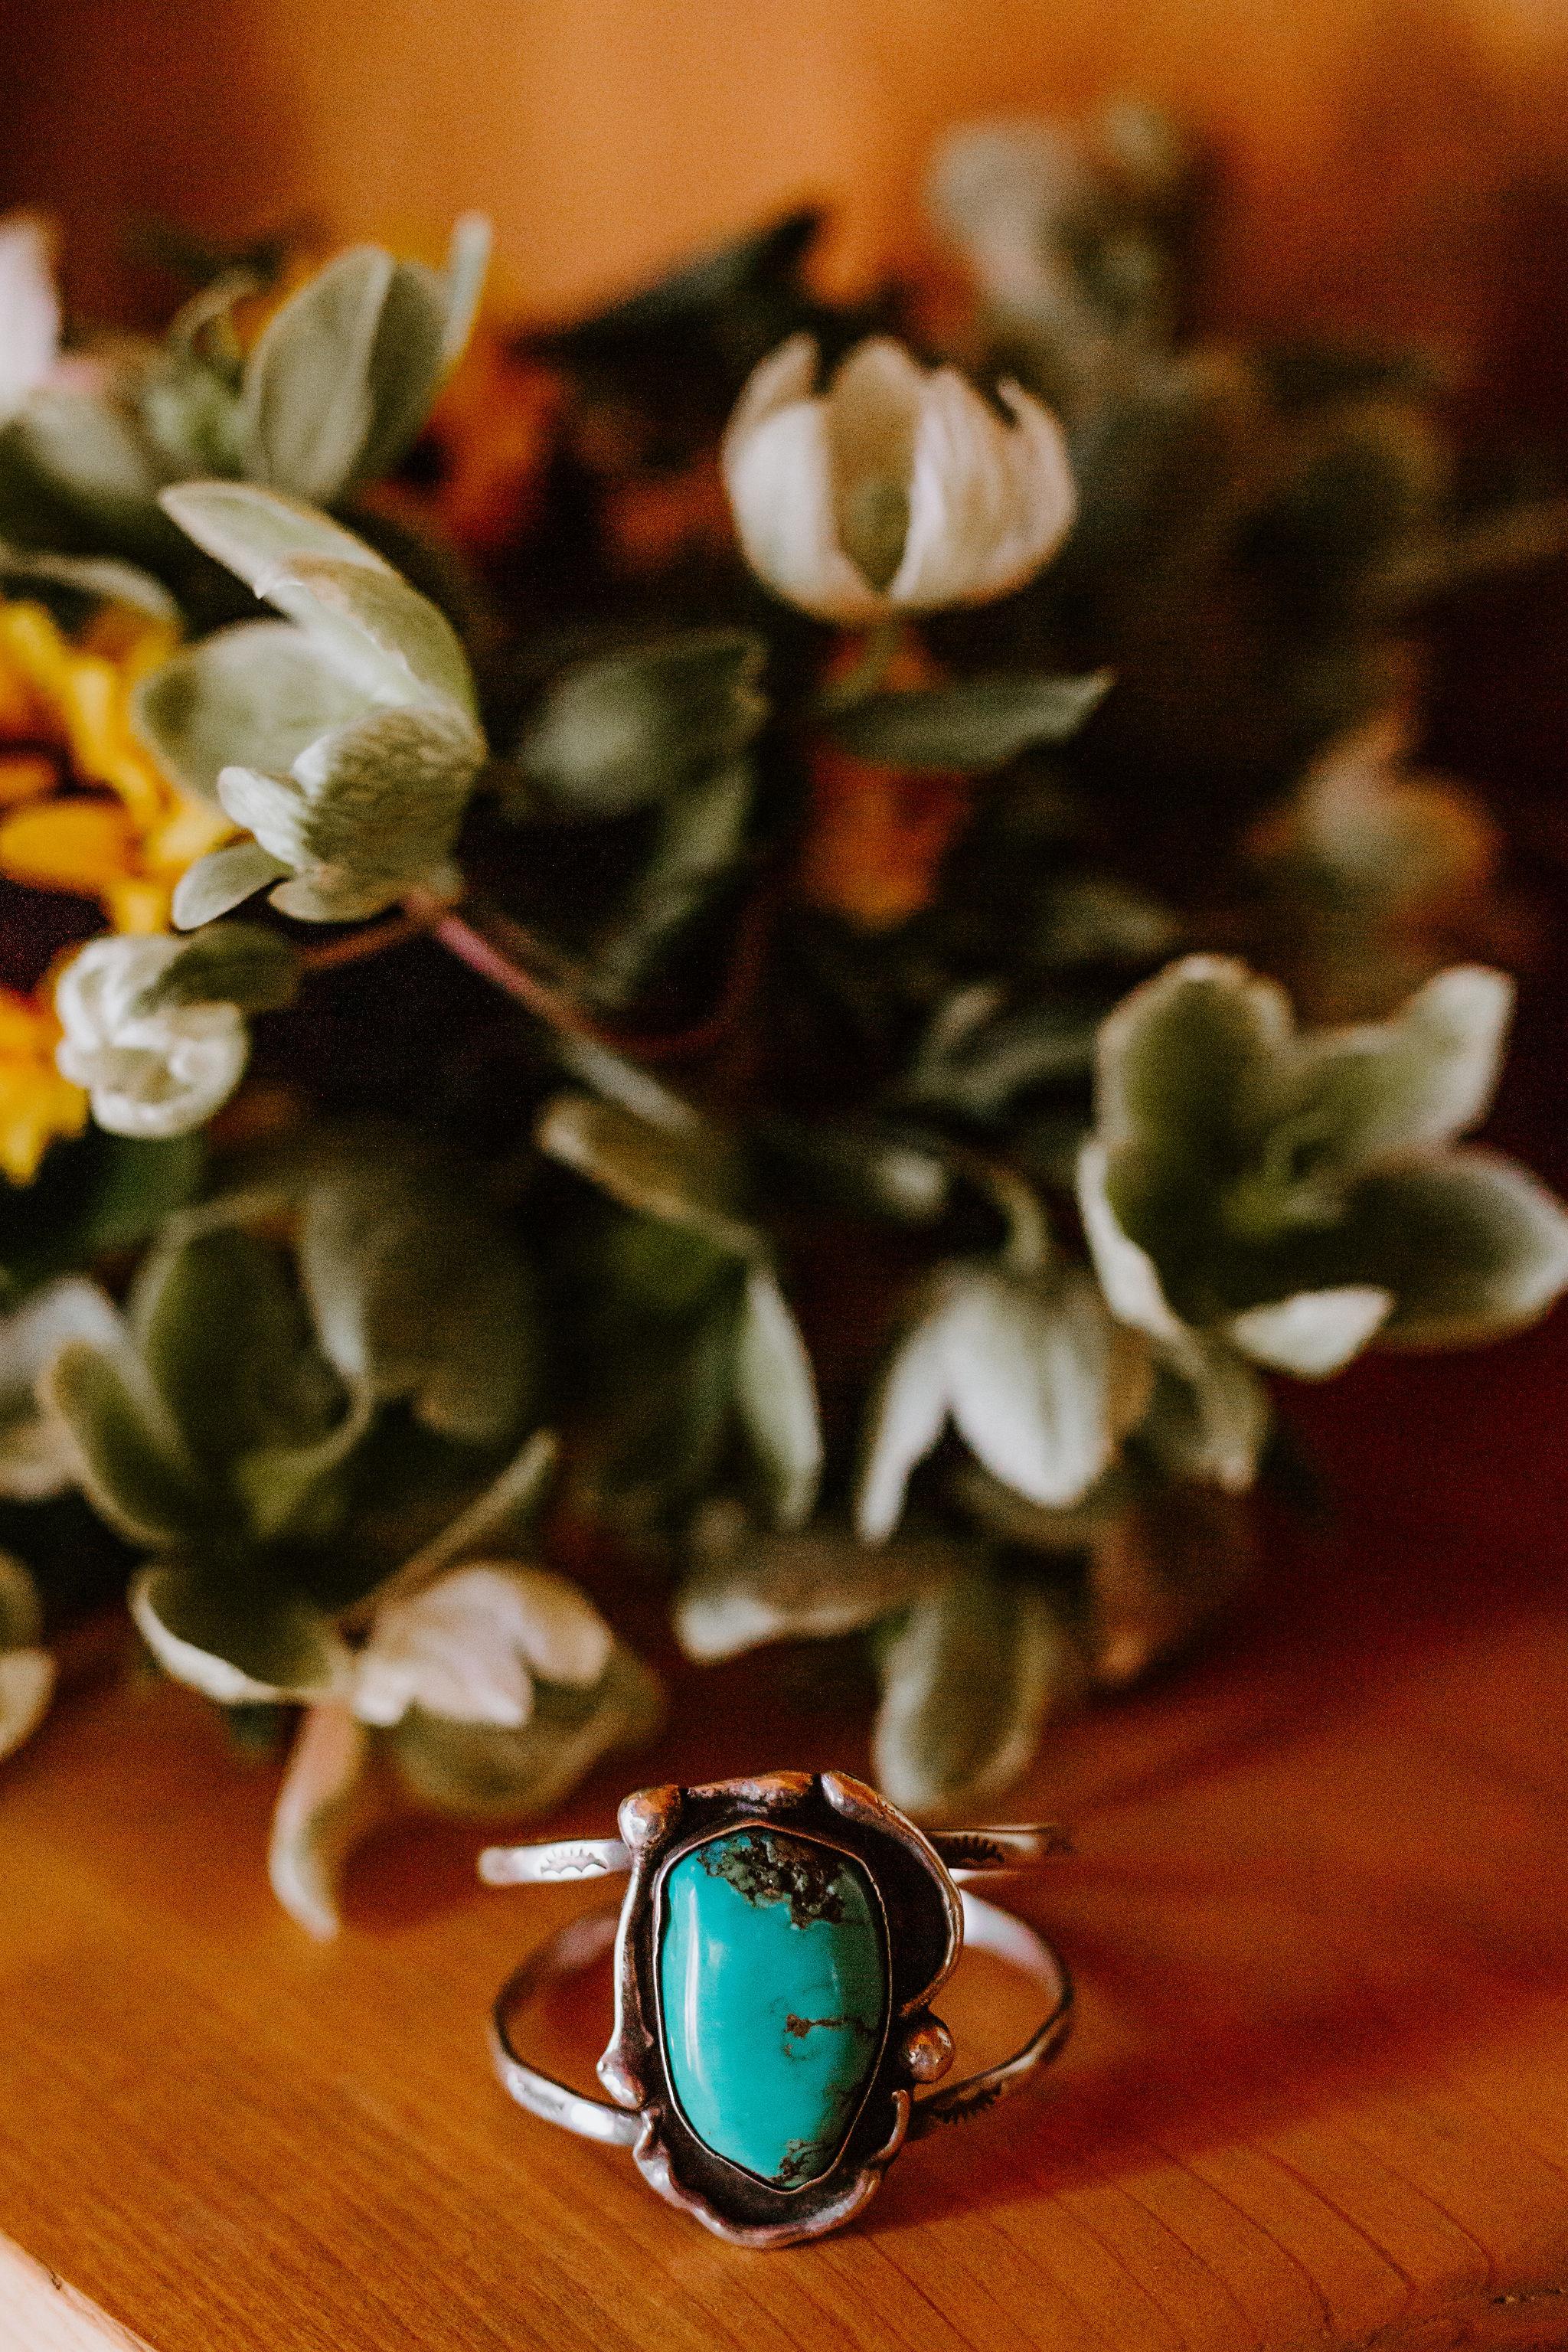 RedwoodRanch_Geoff&LyndsiPhotography_Mike&Amanda_GettingReady25.jpg